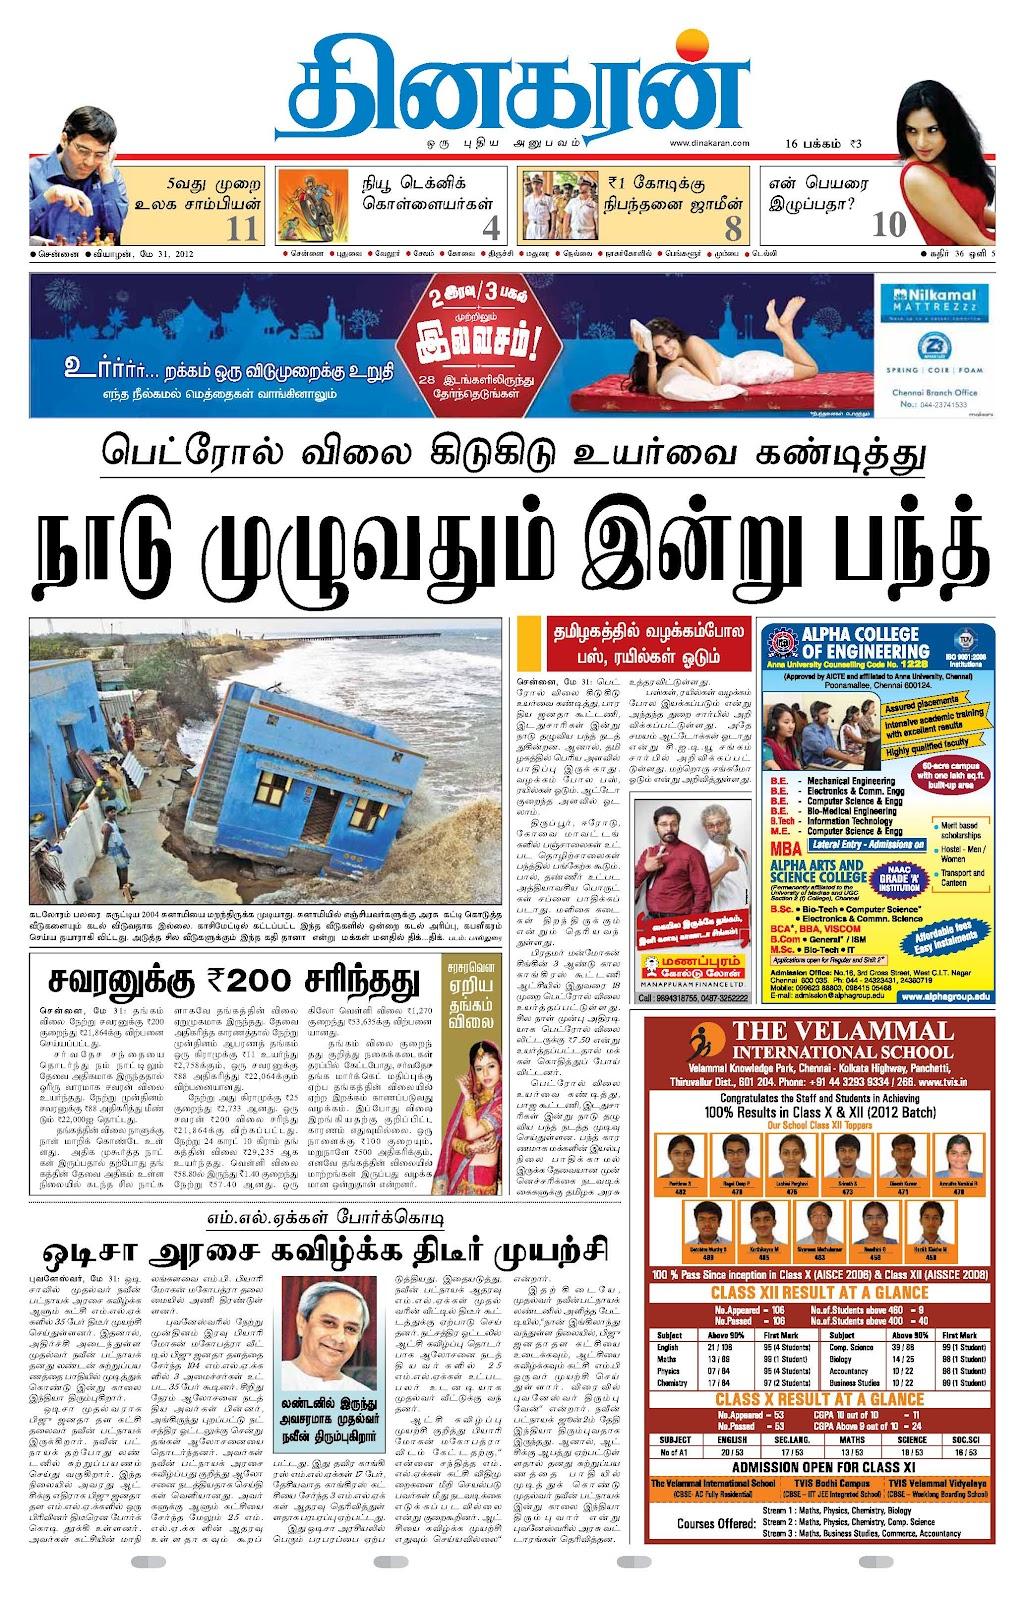 தினகரன் Today Tamil newspaper Dinakaran E-paper 31-05